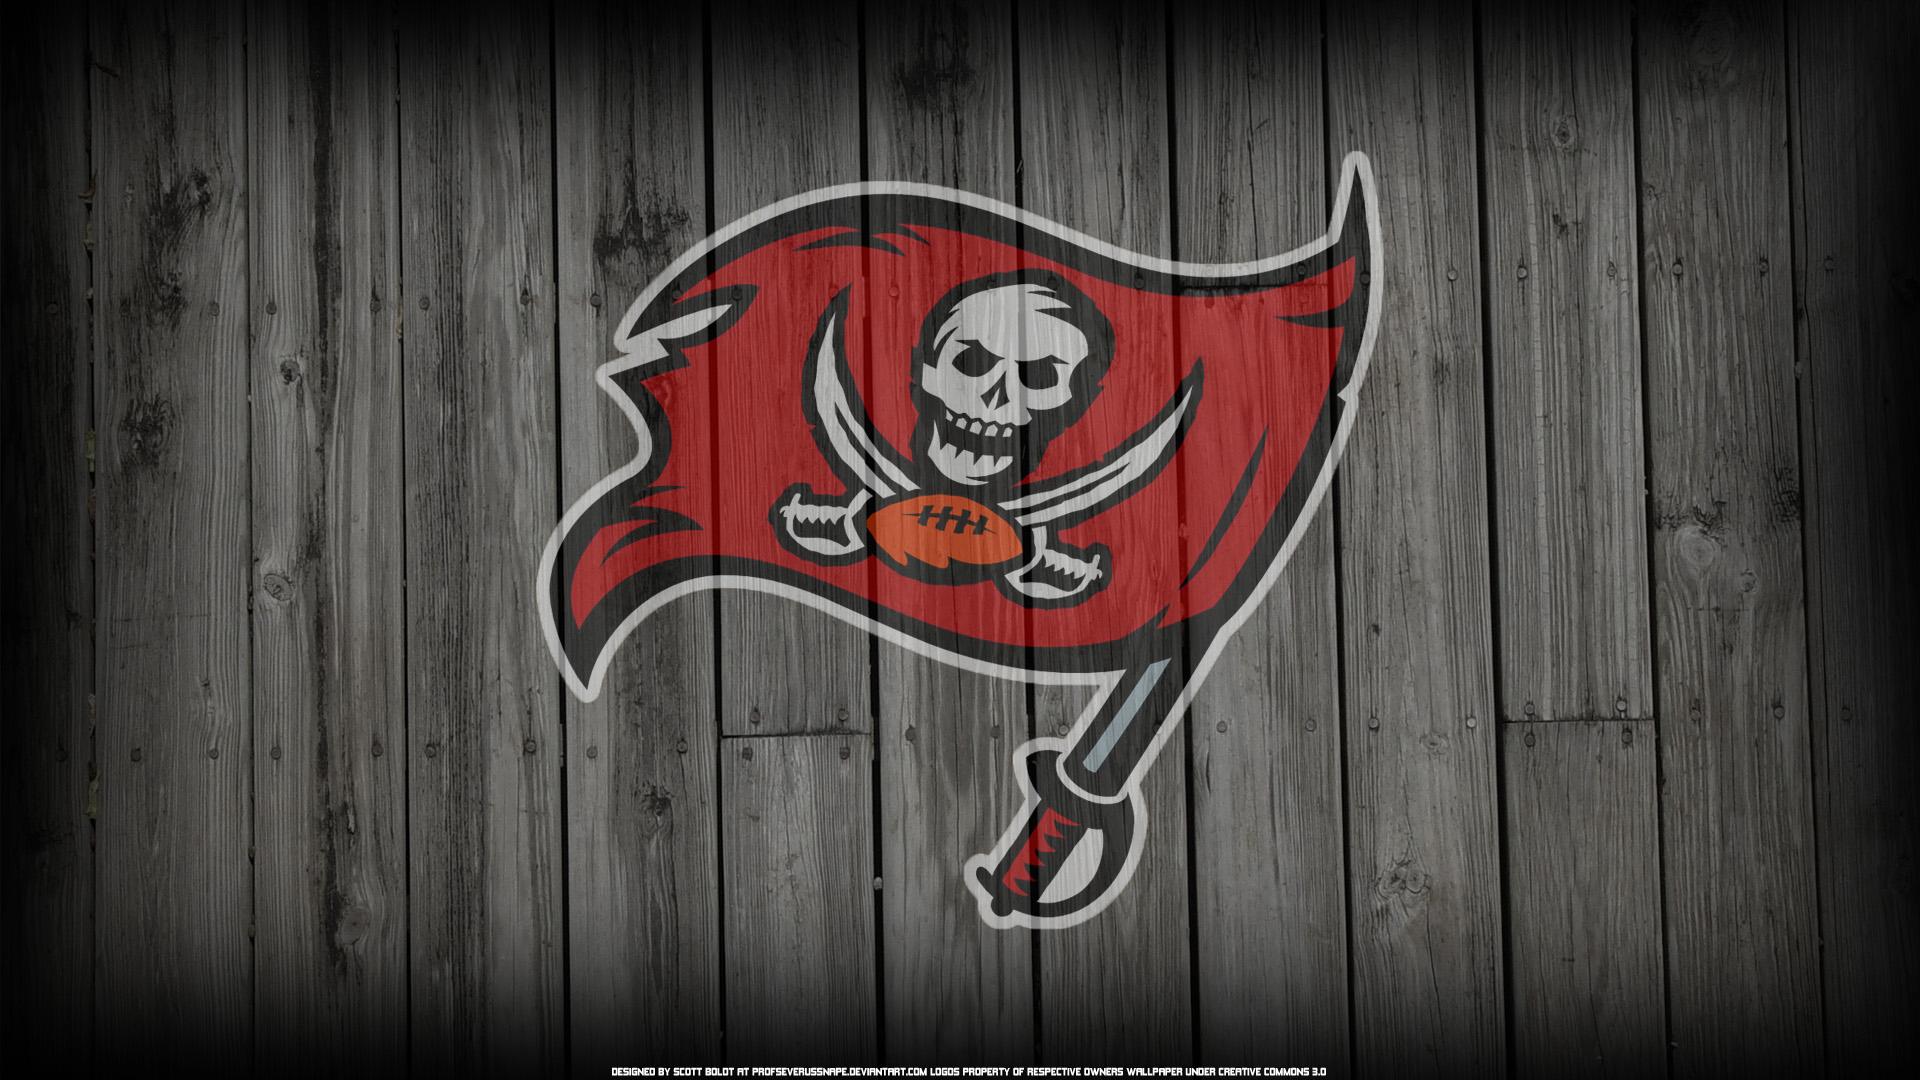 Tampa bay buccaneers wallpaper hd wallpapersafari - Bucs wallpaper ...